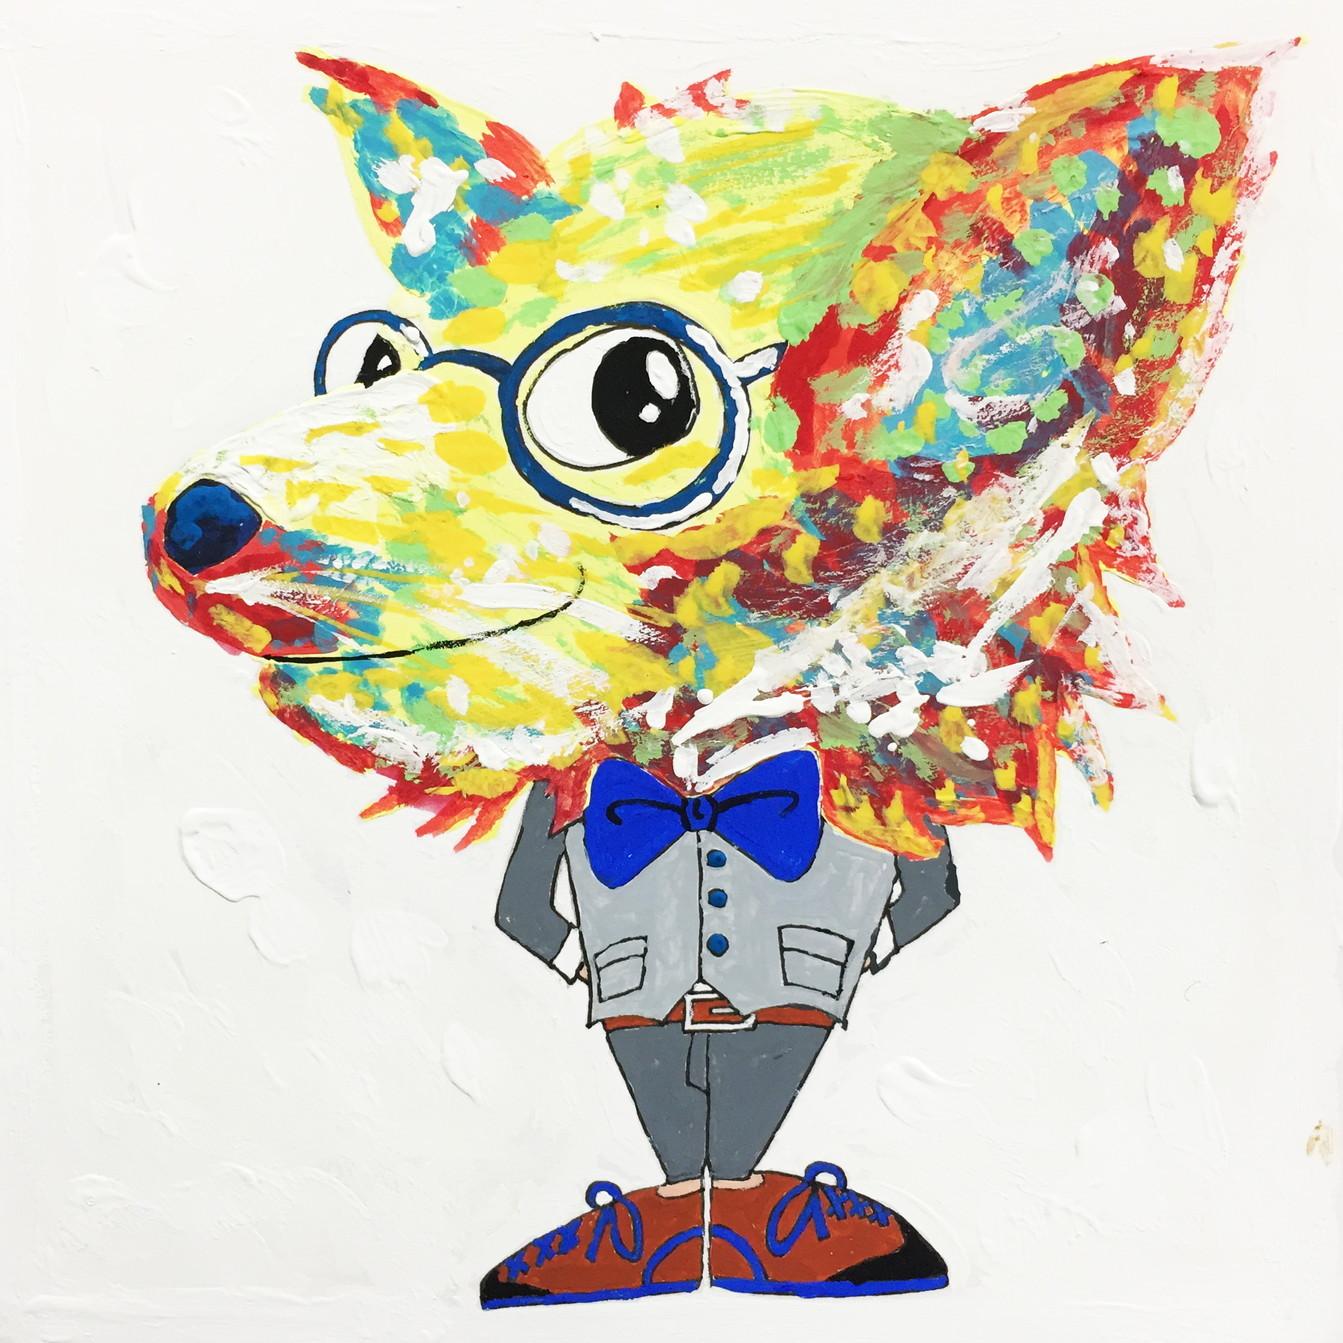 絵画 インテリア アートパネル 雑貨 壁掛け 置物 おしゃれ アクリル画 イラスト 犬 動物 ロココロ 画家 : yuki 作品 : 希望